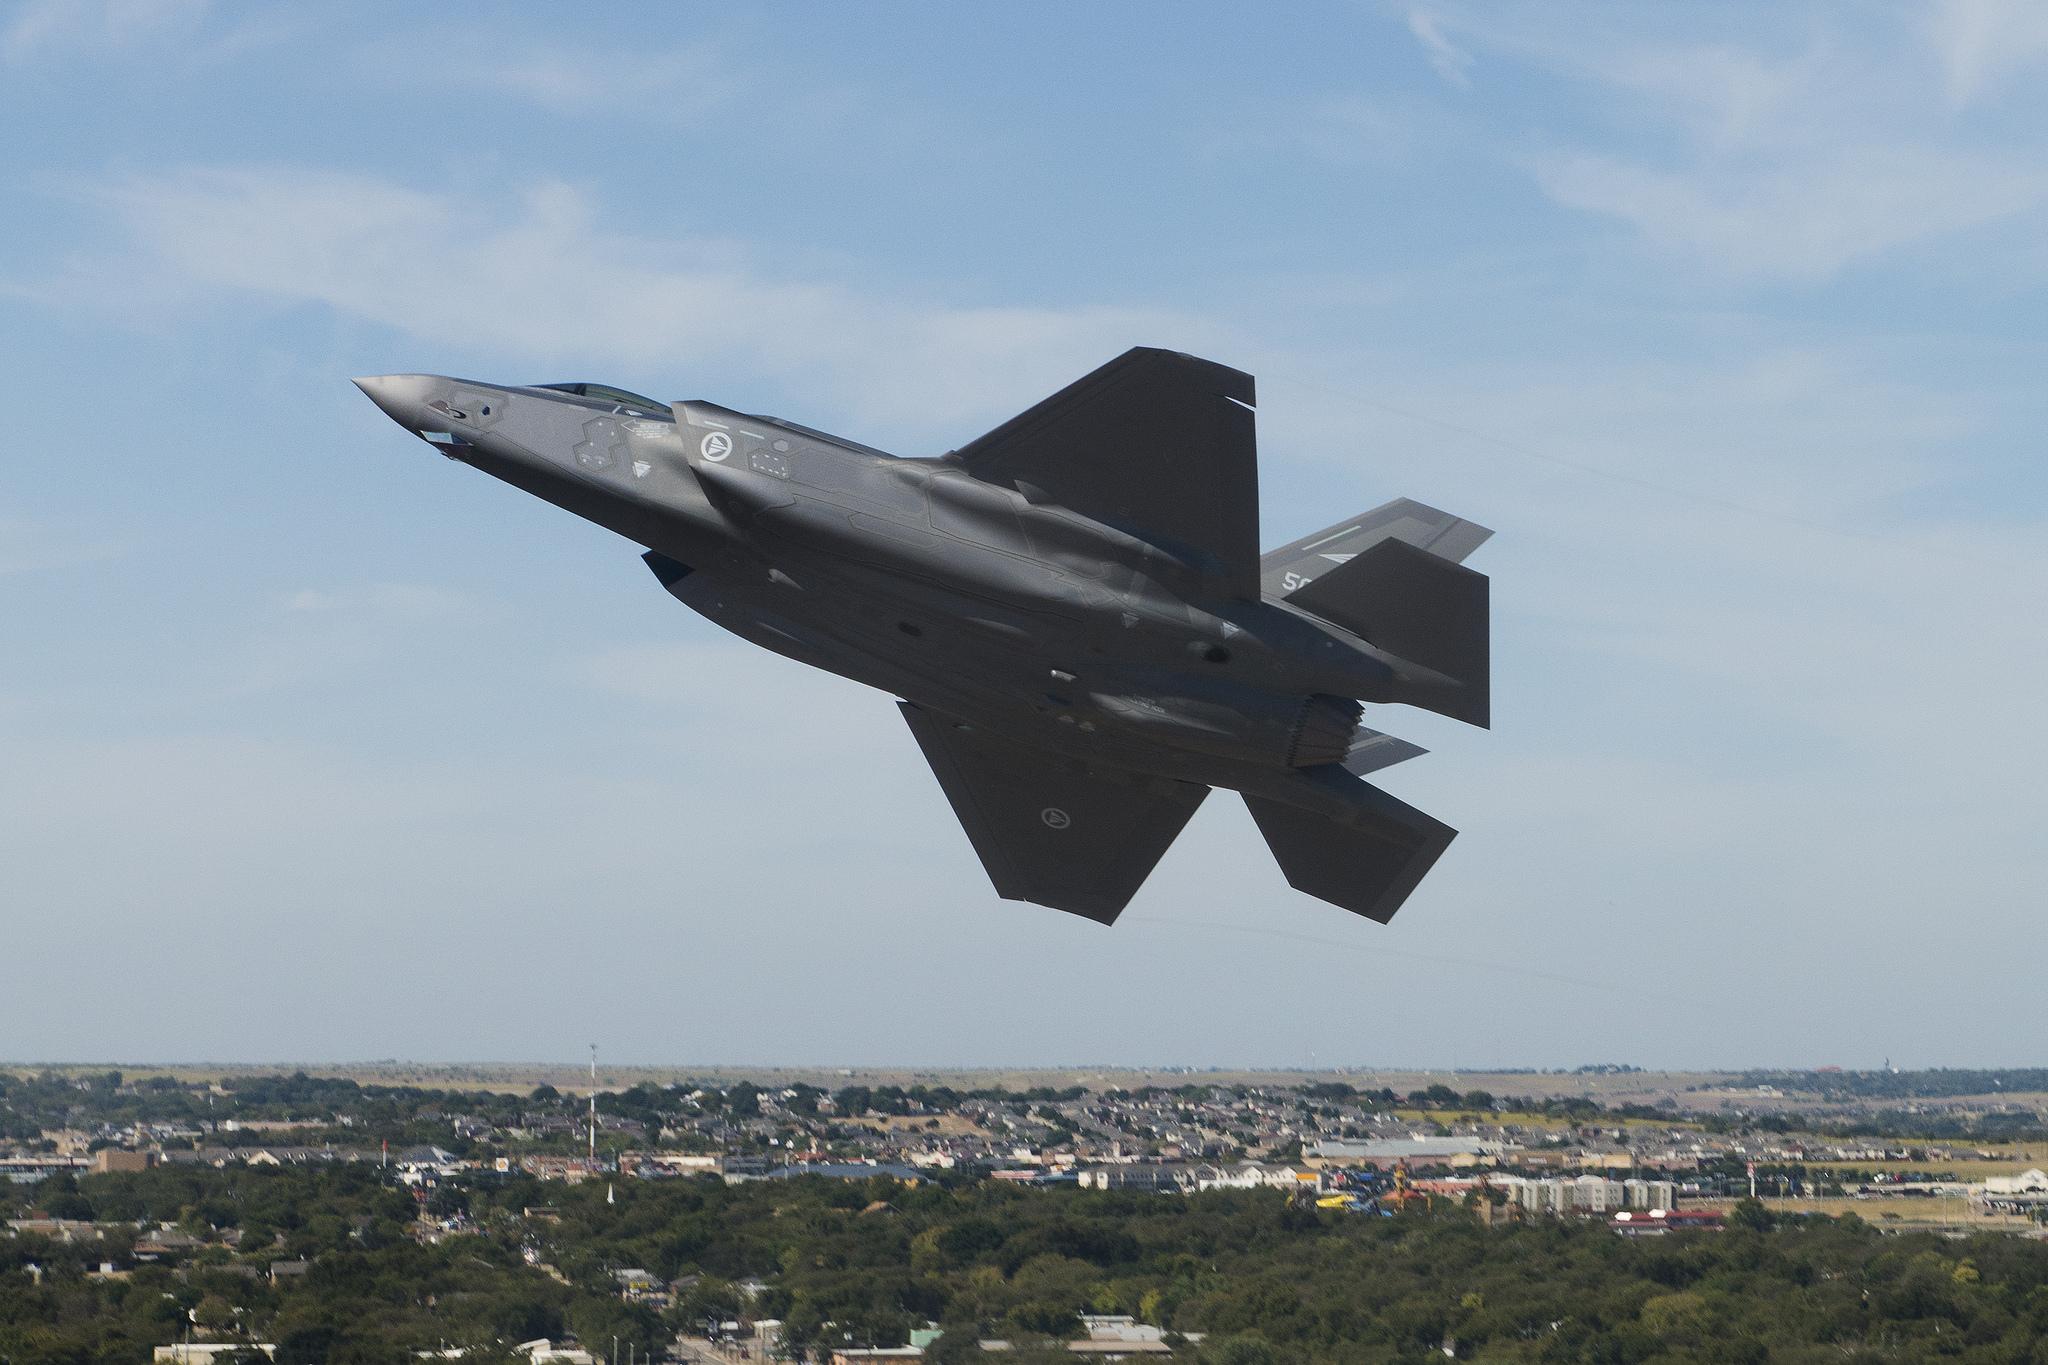 Testflyging av Norges første F-35 (AM-1-5087) i oktober 2015 / Norway´s first F-35